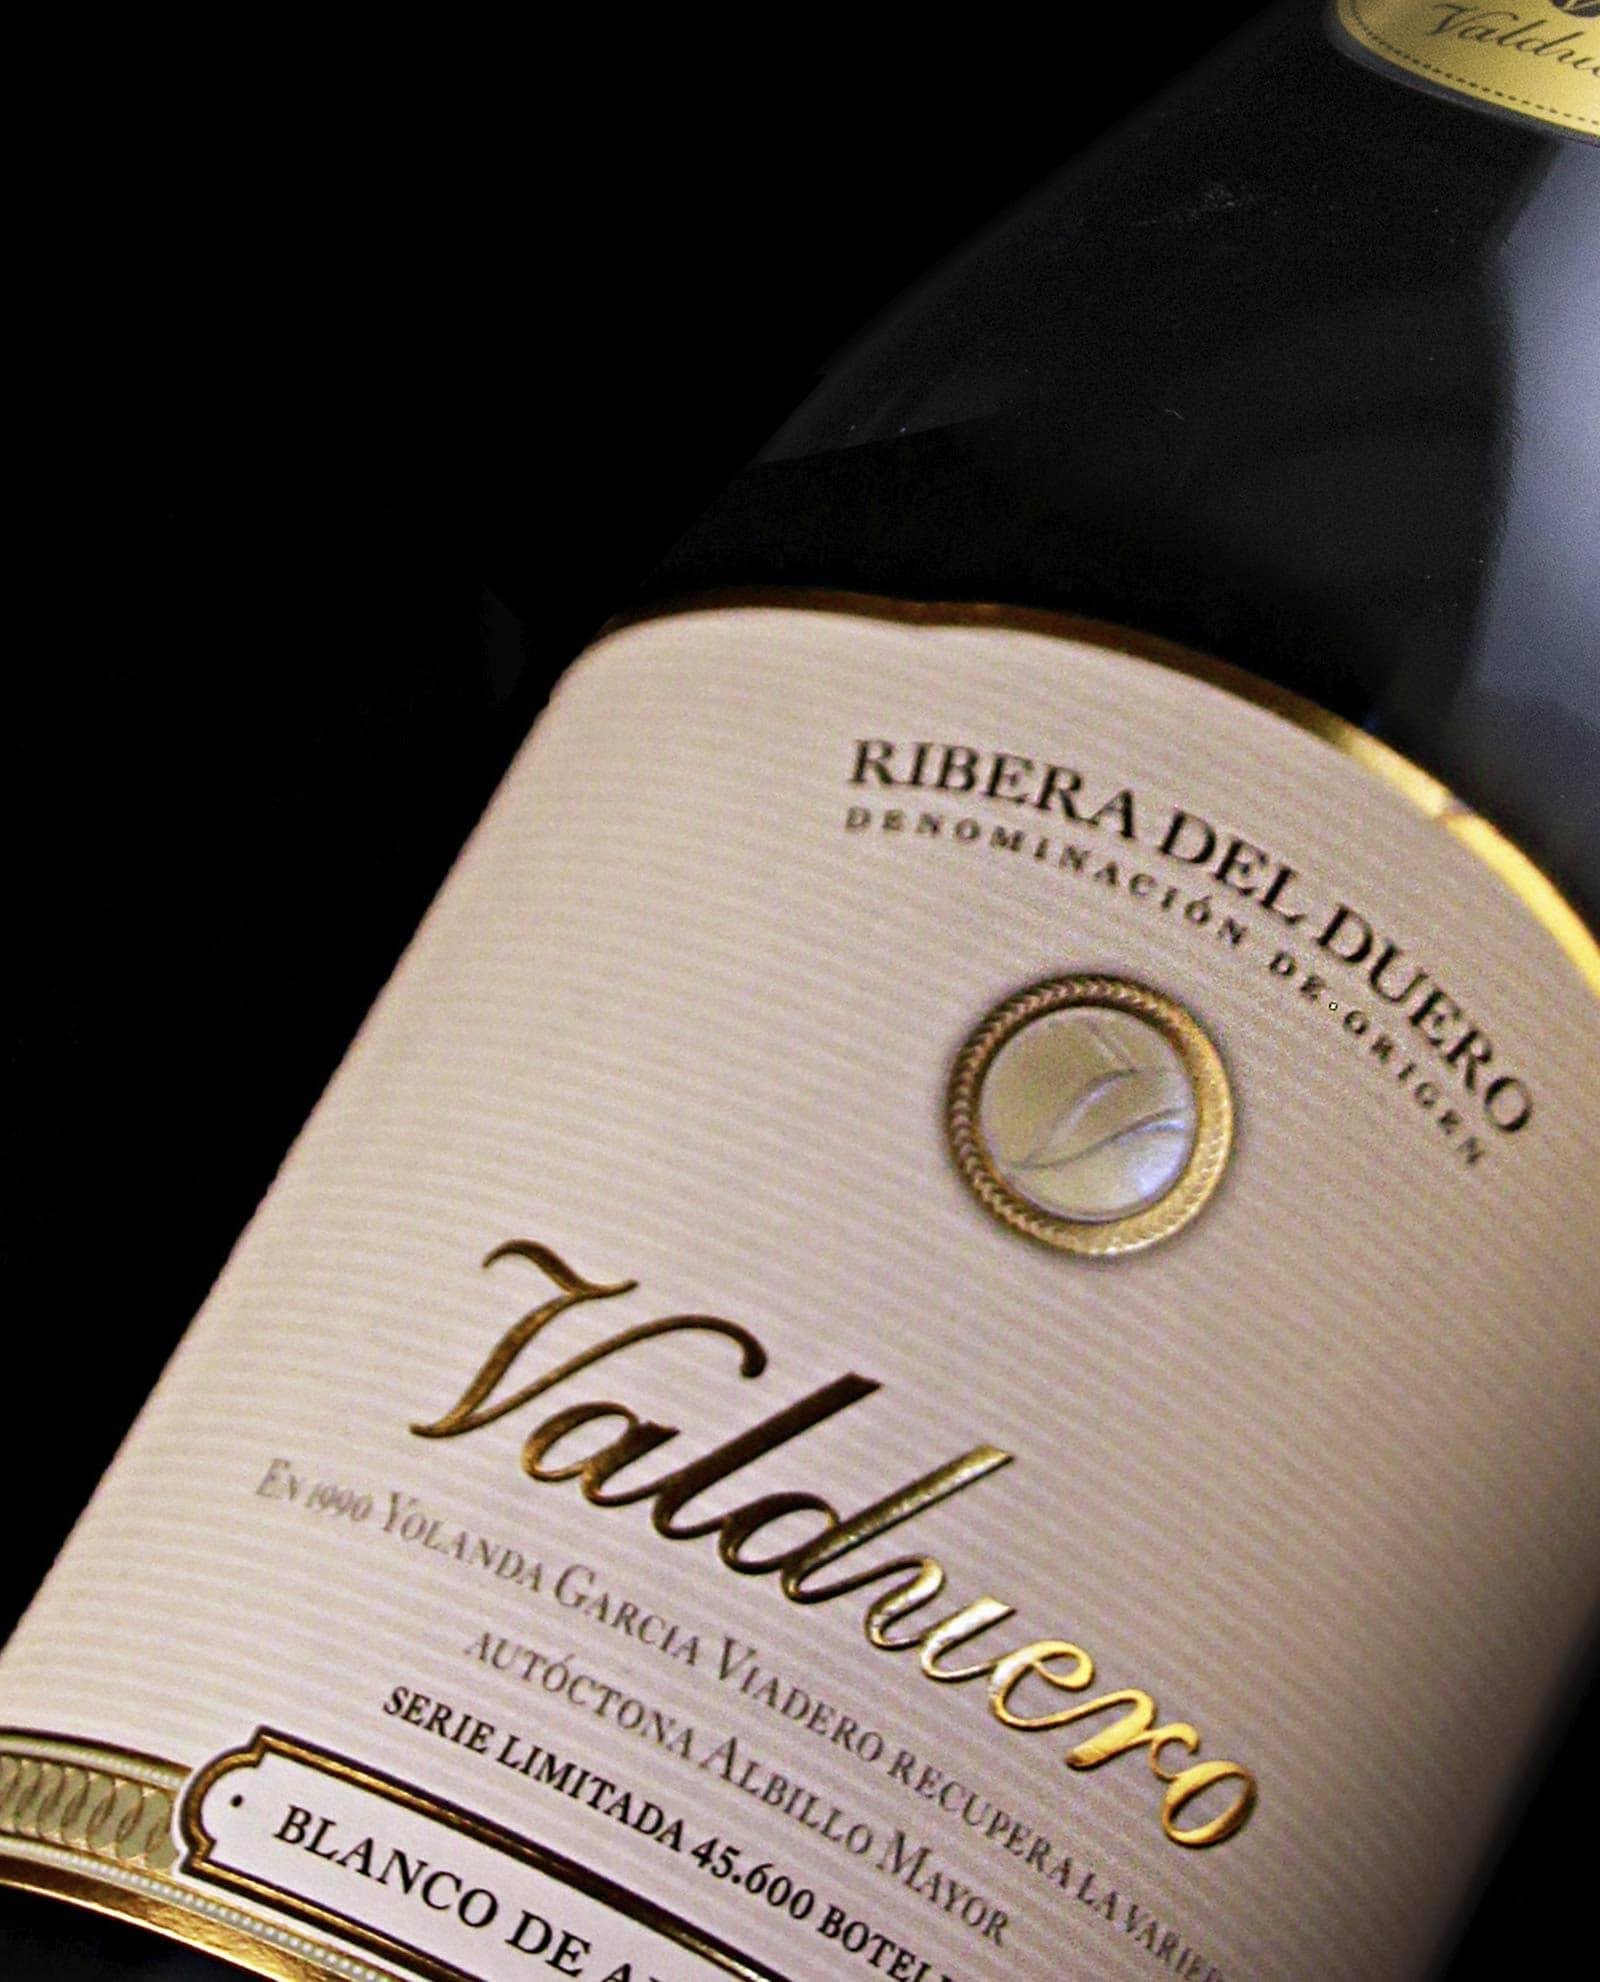 Detalle de la etiqueta de Valduero Blanco